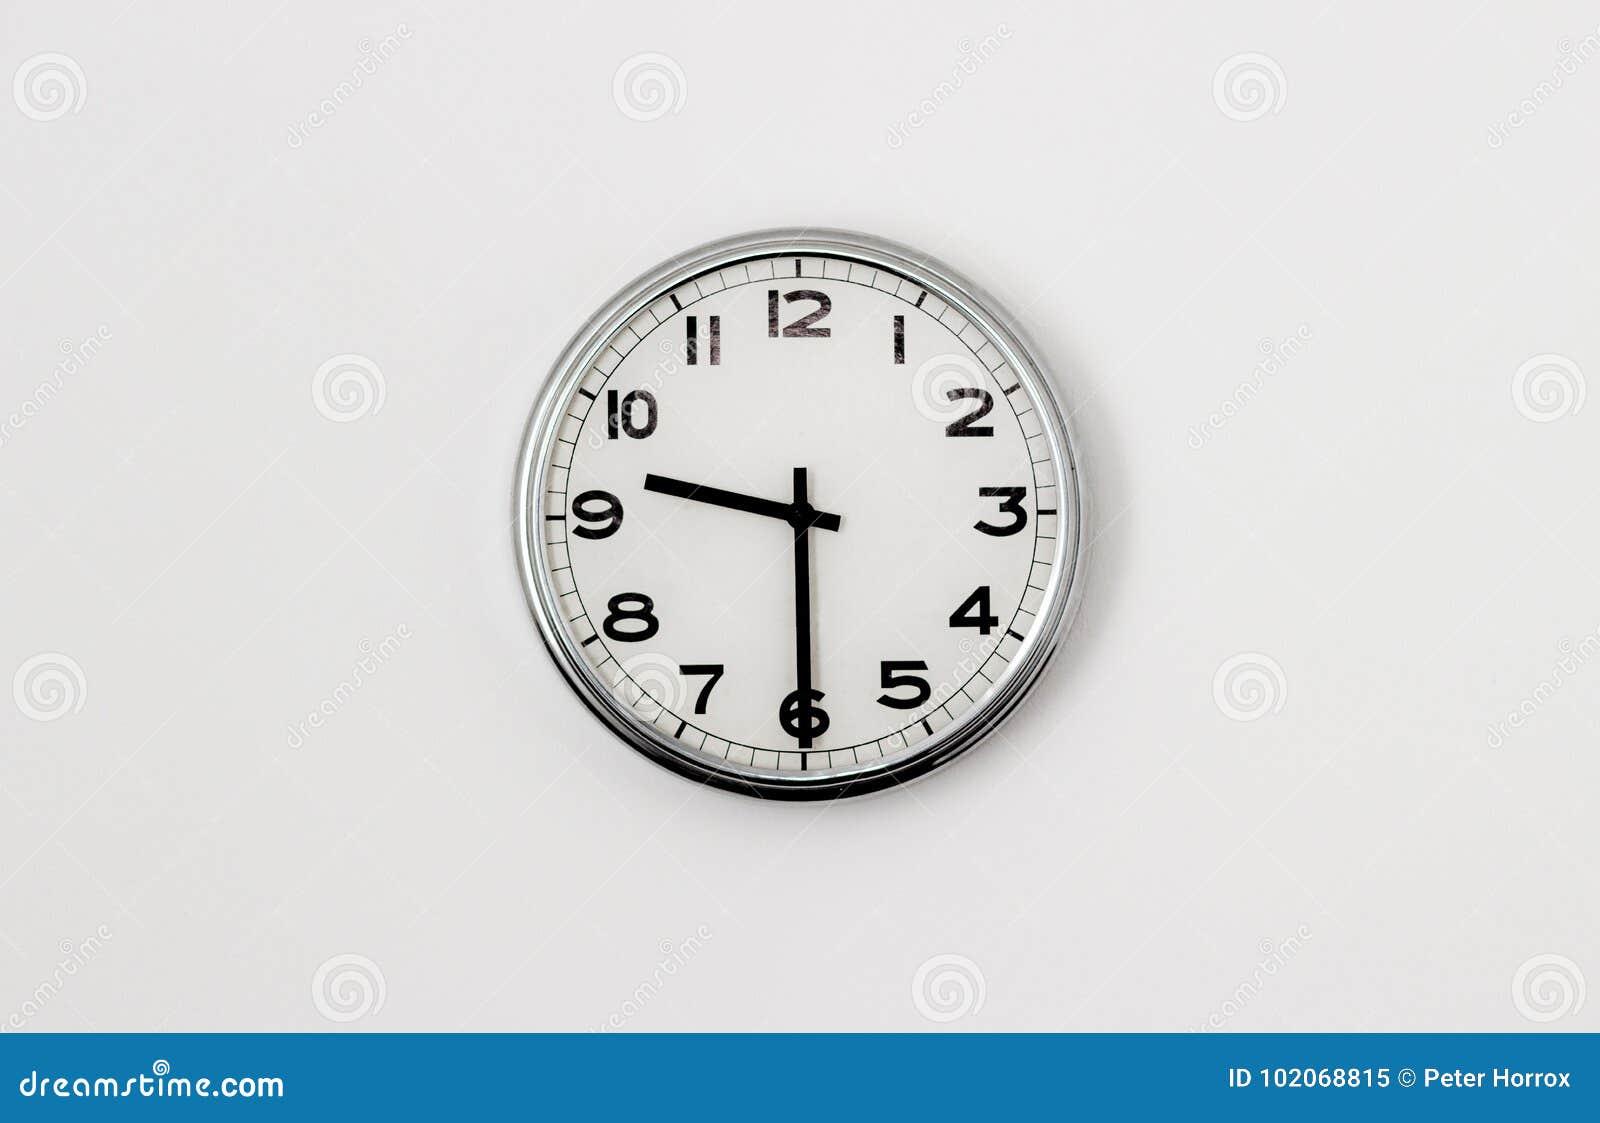 Clock 9:30